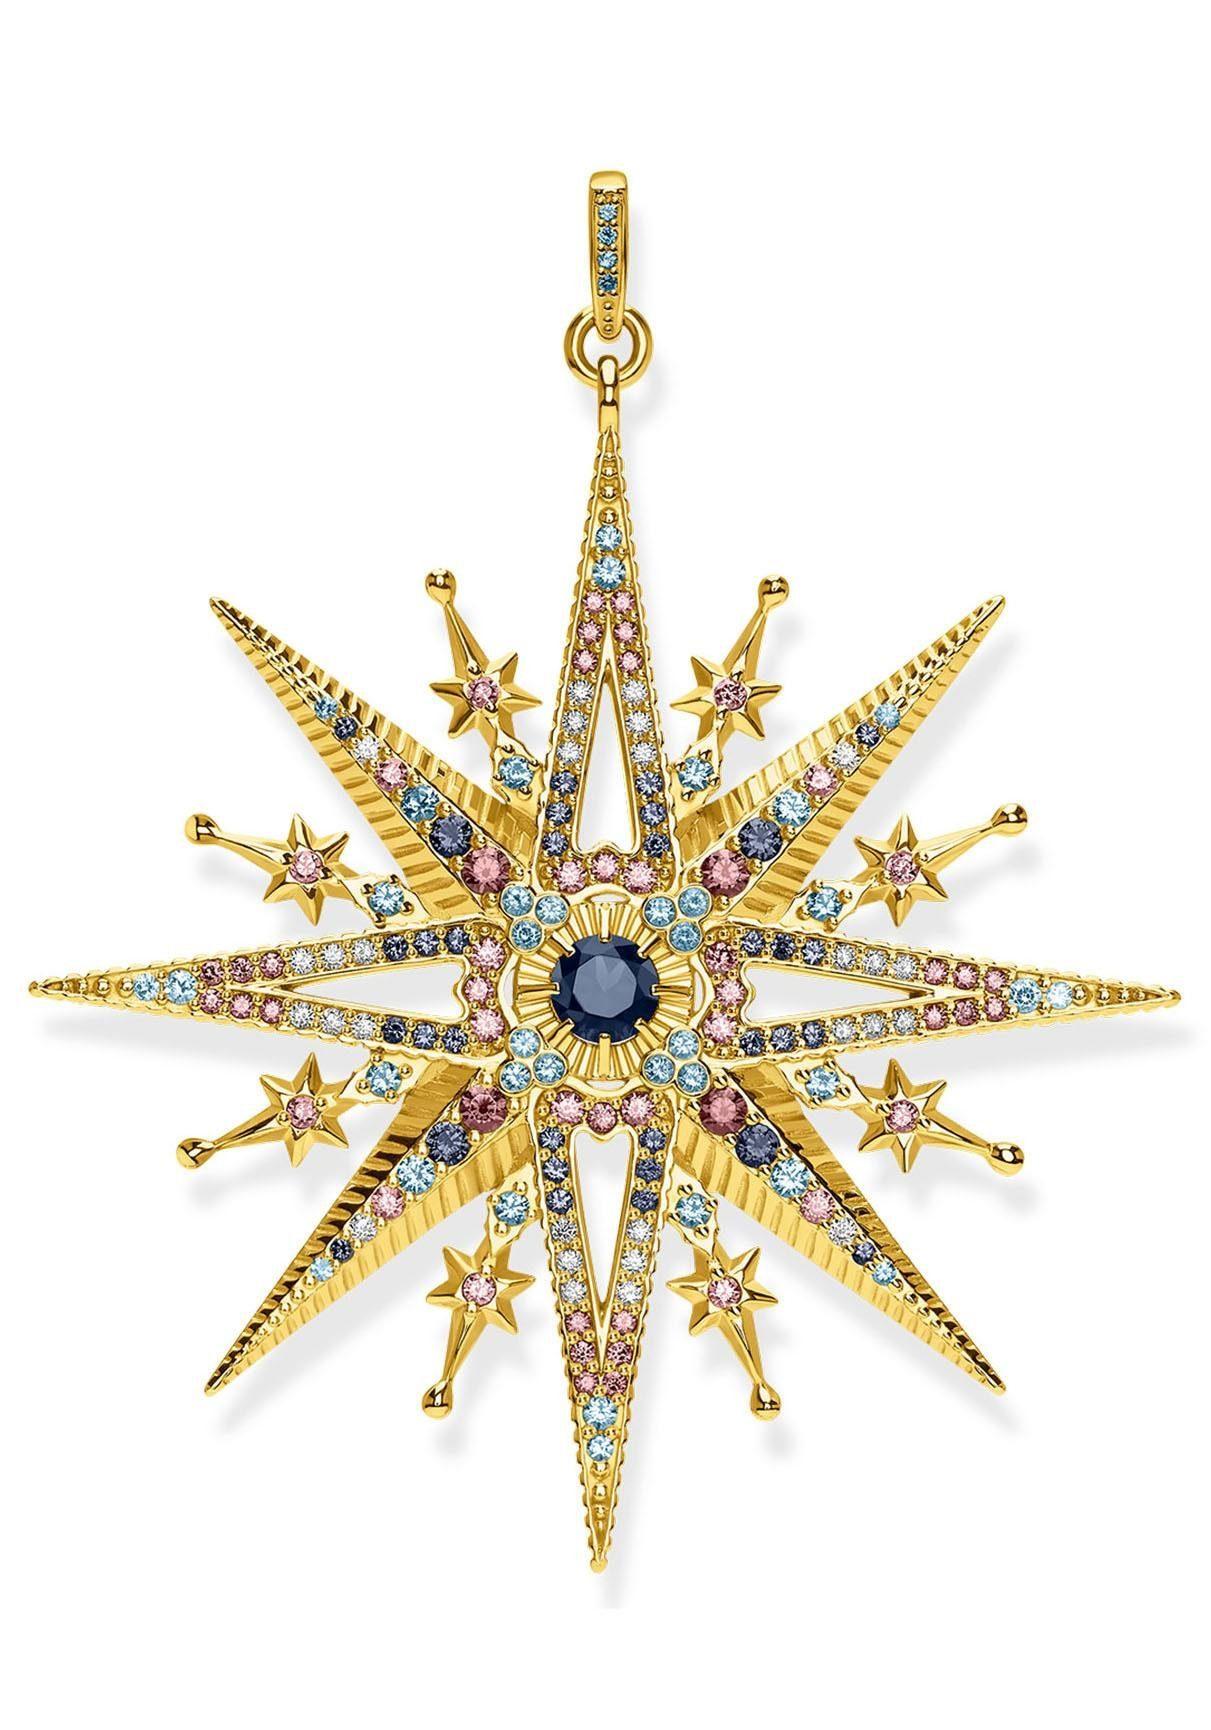 THOMAS SABO Kettenanhänger »Royalty Stern Gold, PE820-959-7« mit Glas-Keramikstein, Spinell (synth) und Zirkonia